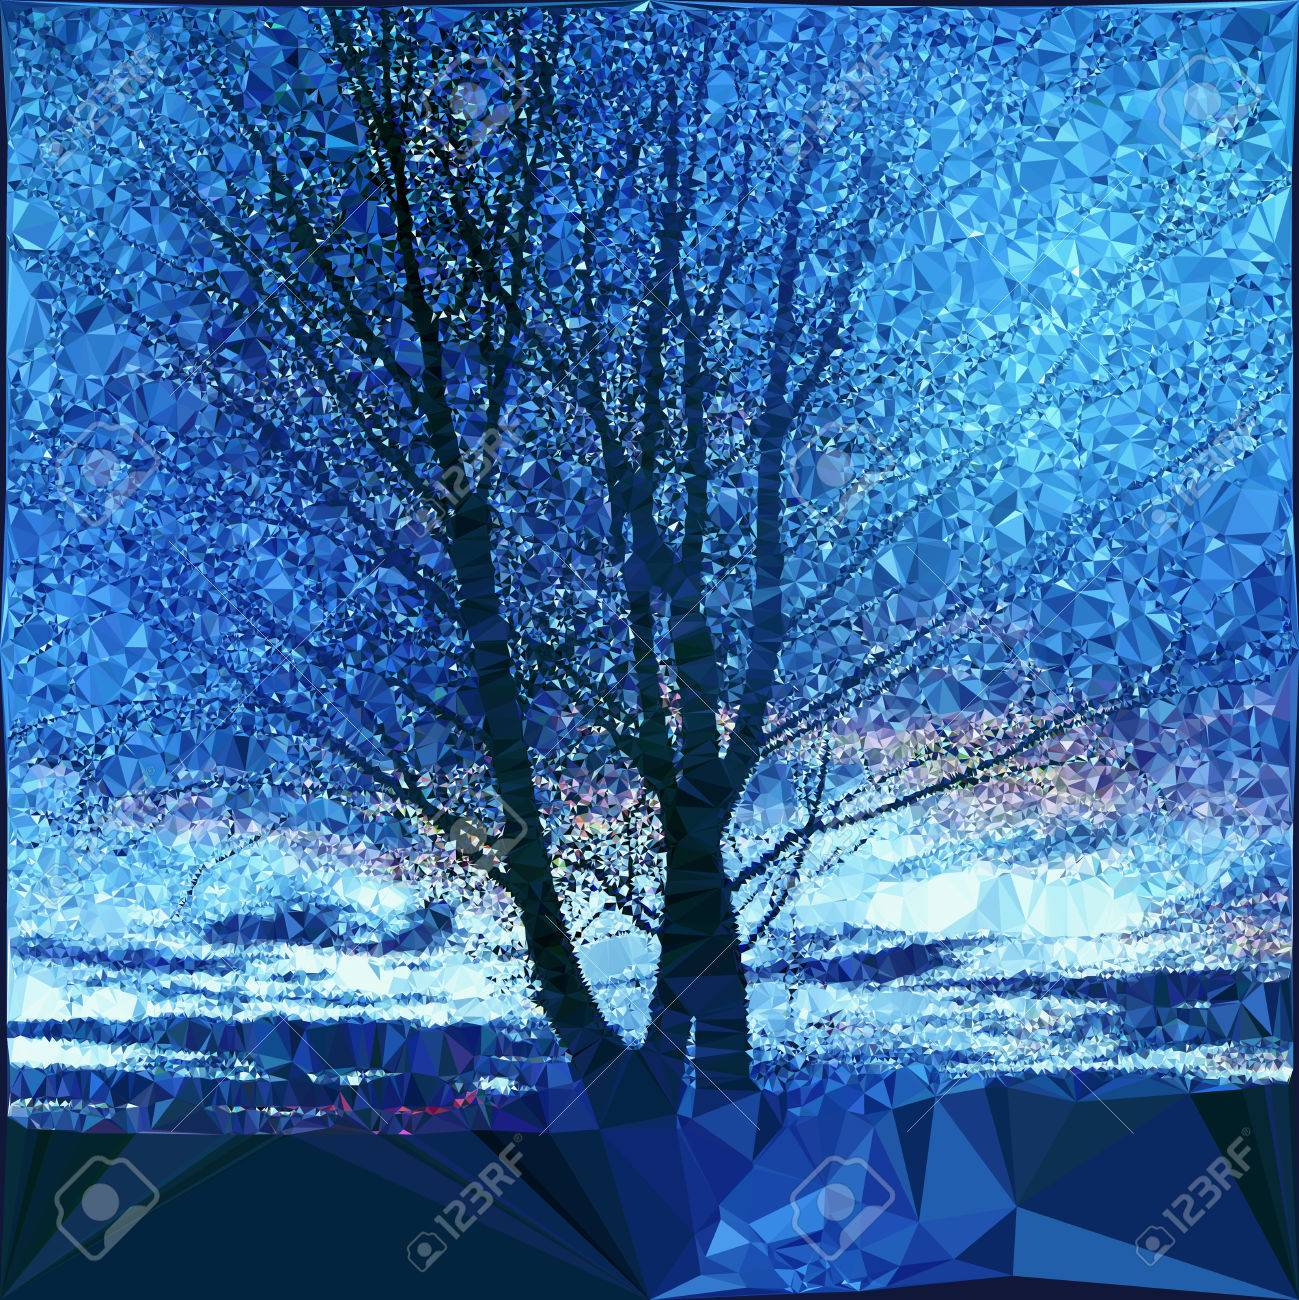 裸木のあるノスタルジックな冬景色 空と木のシルエットに多角形の青と白の風景のイラスト素材 ベクタ Image